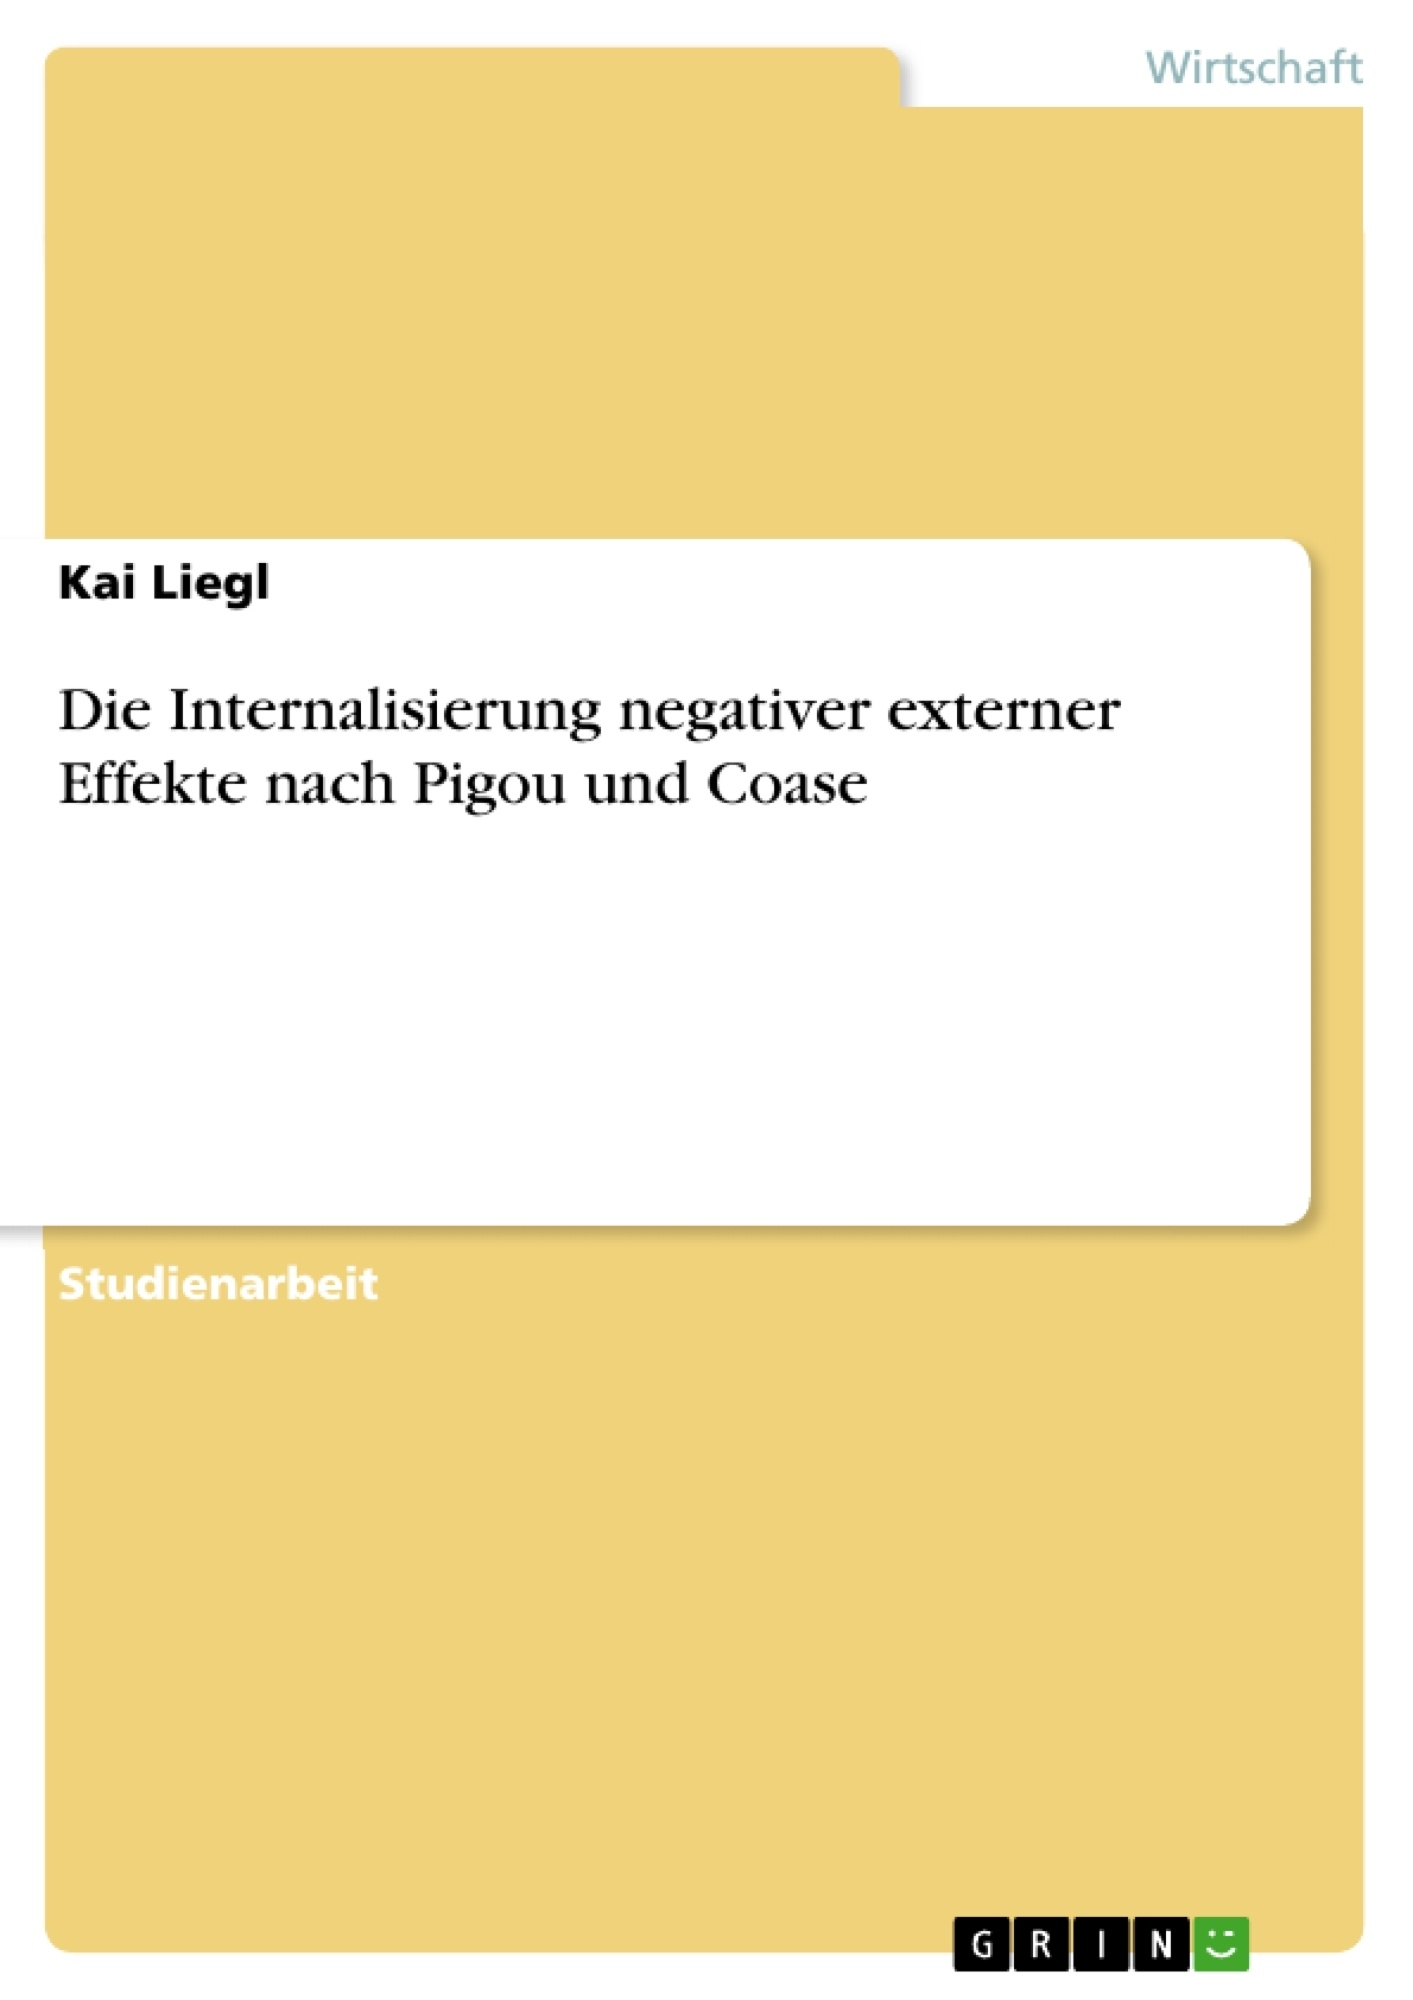 Titel: Die Internalisierung negativer externer Effekte nach Pigou und Coase